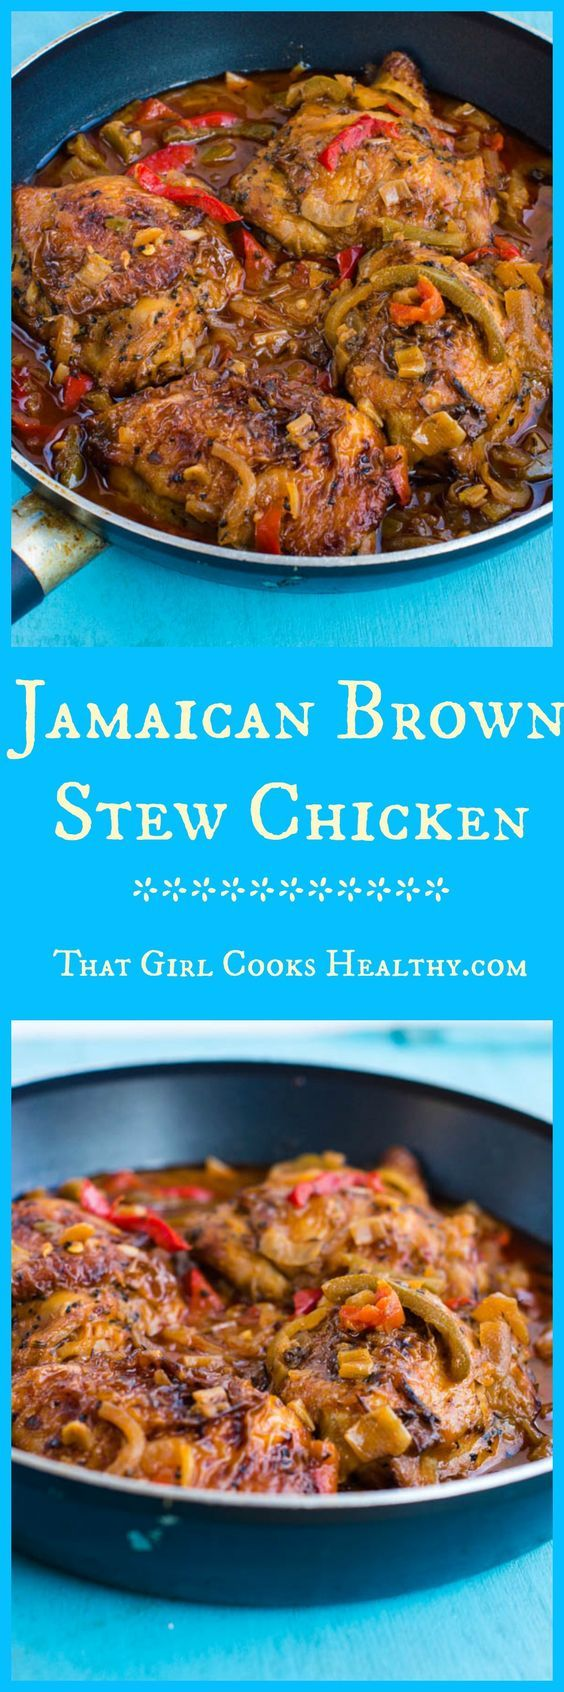 Jamaican brown stew chicken - paleo and gluten free